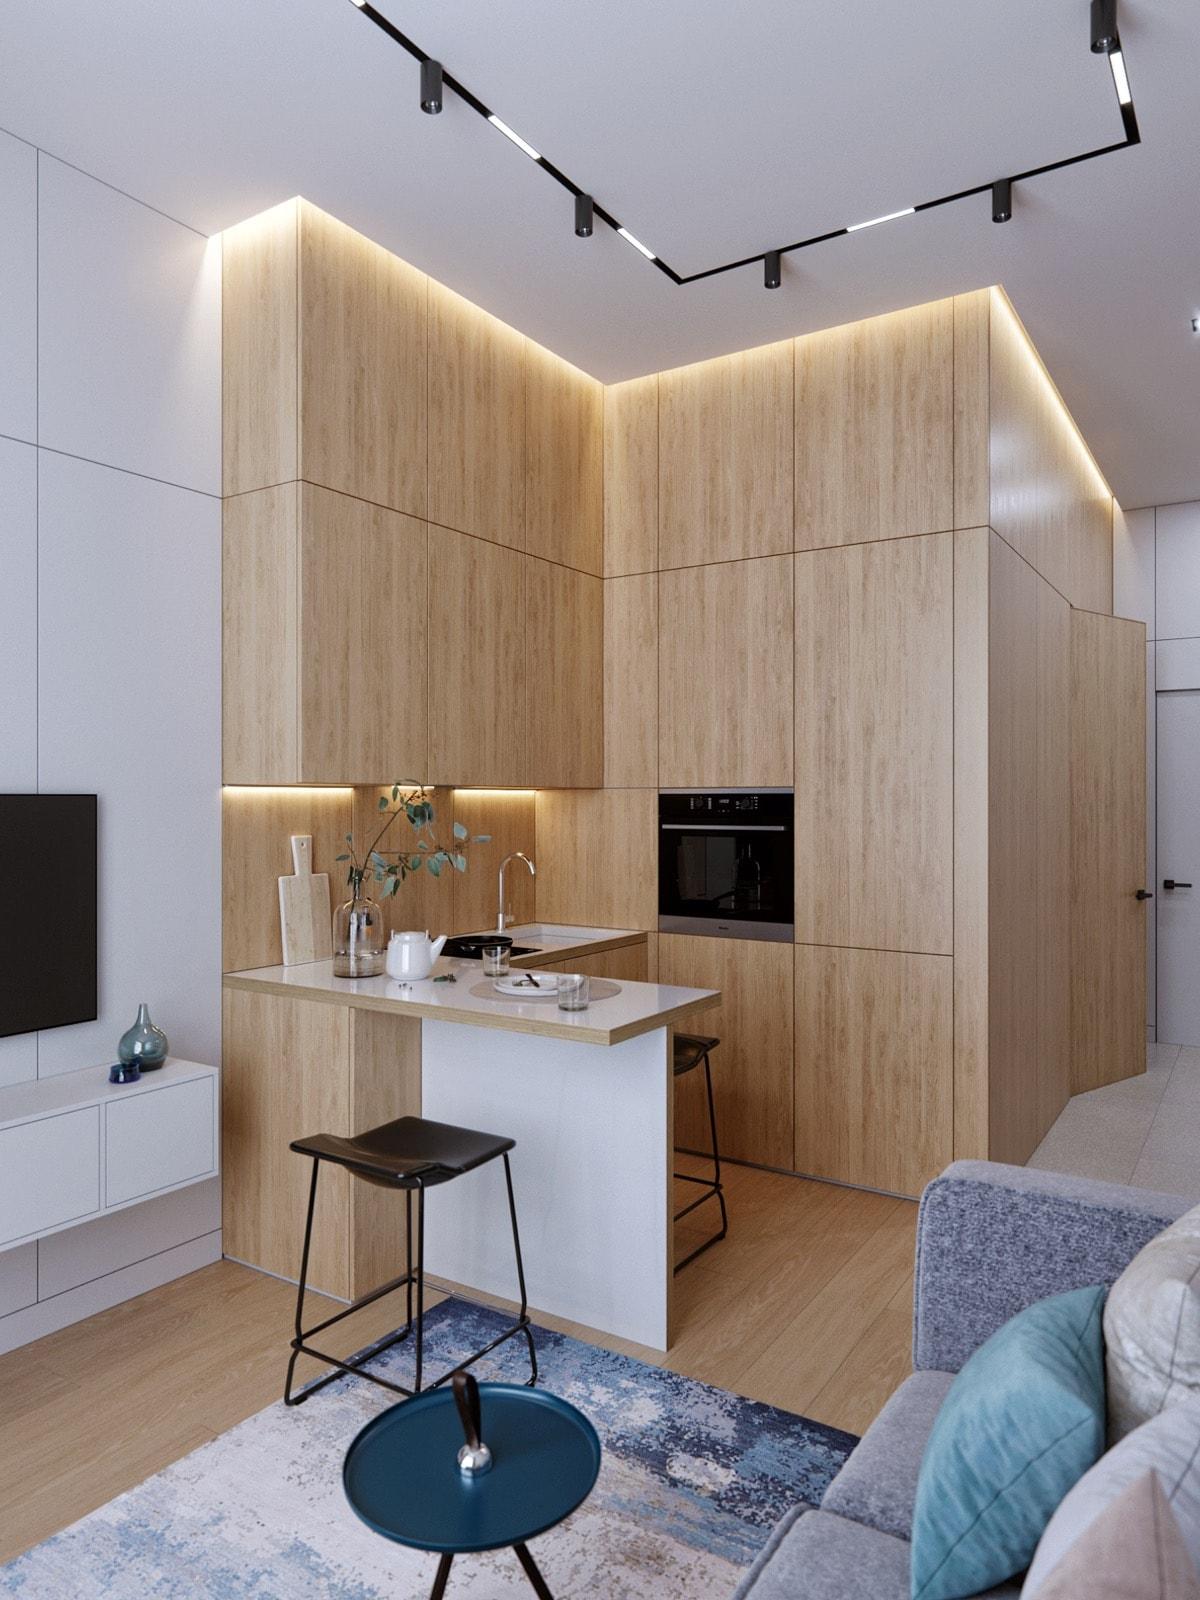 dùng vật liệu gỗ để trang trí toàn bộ không gian nhà bếp